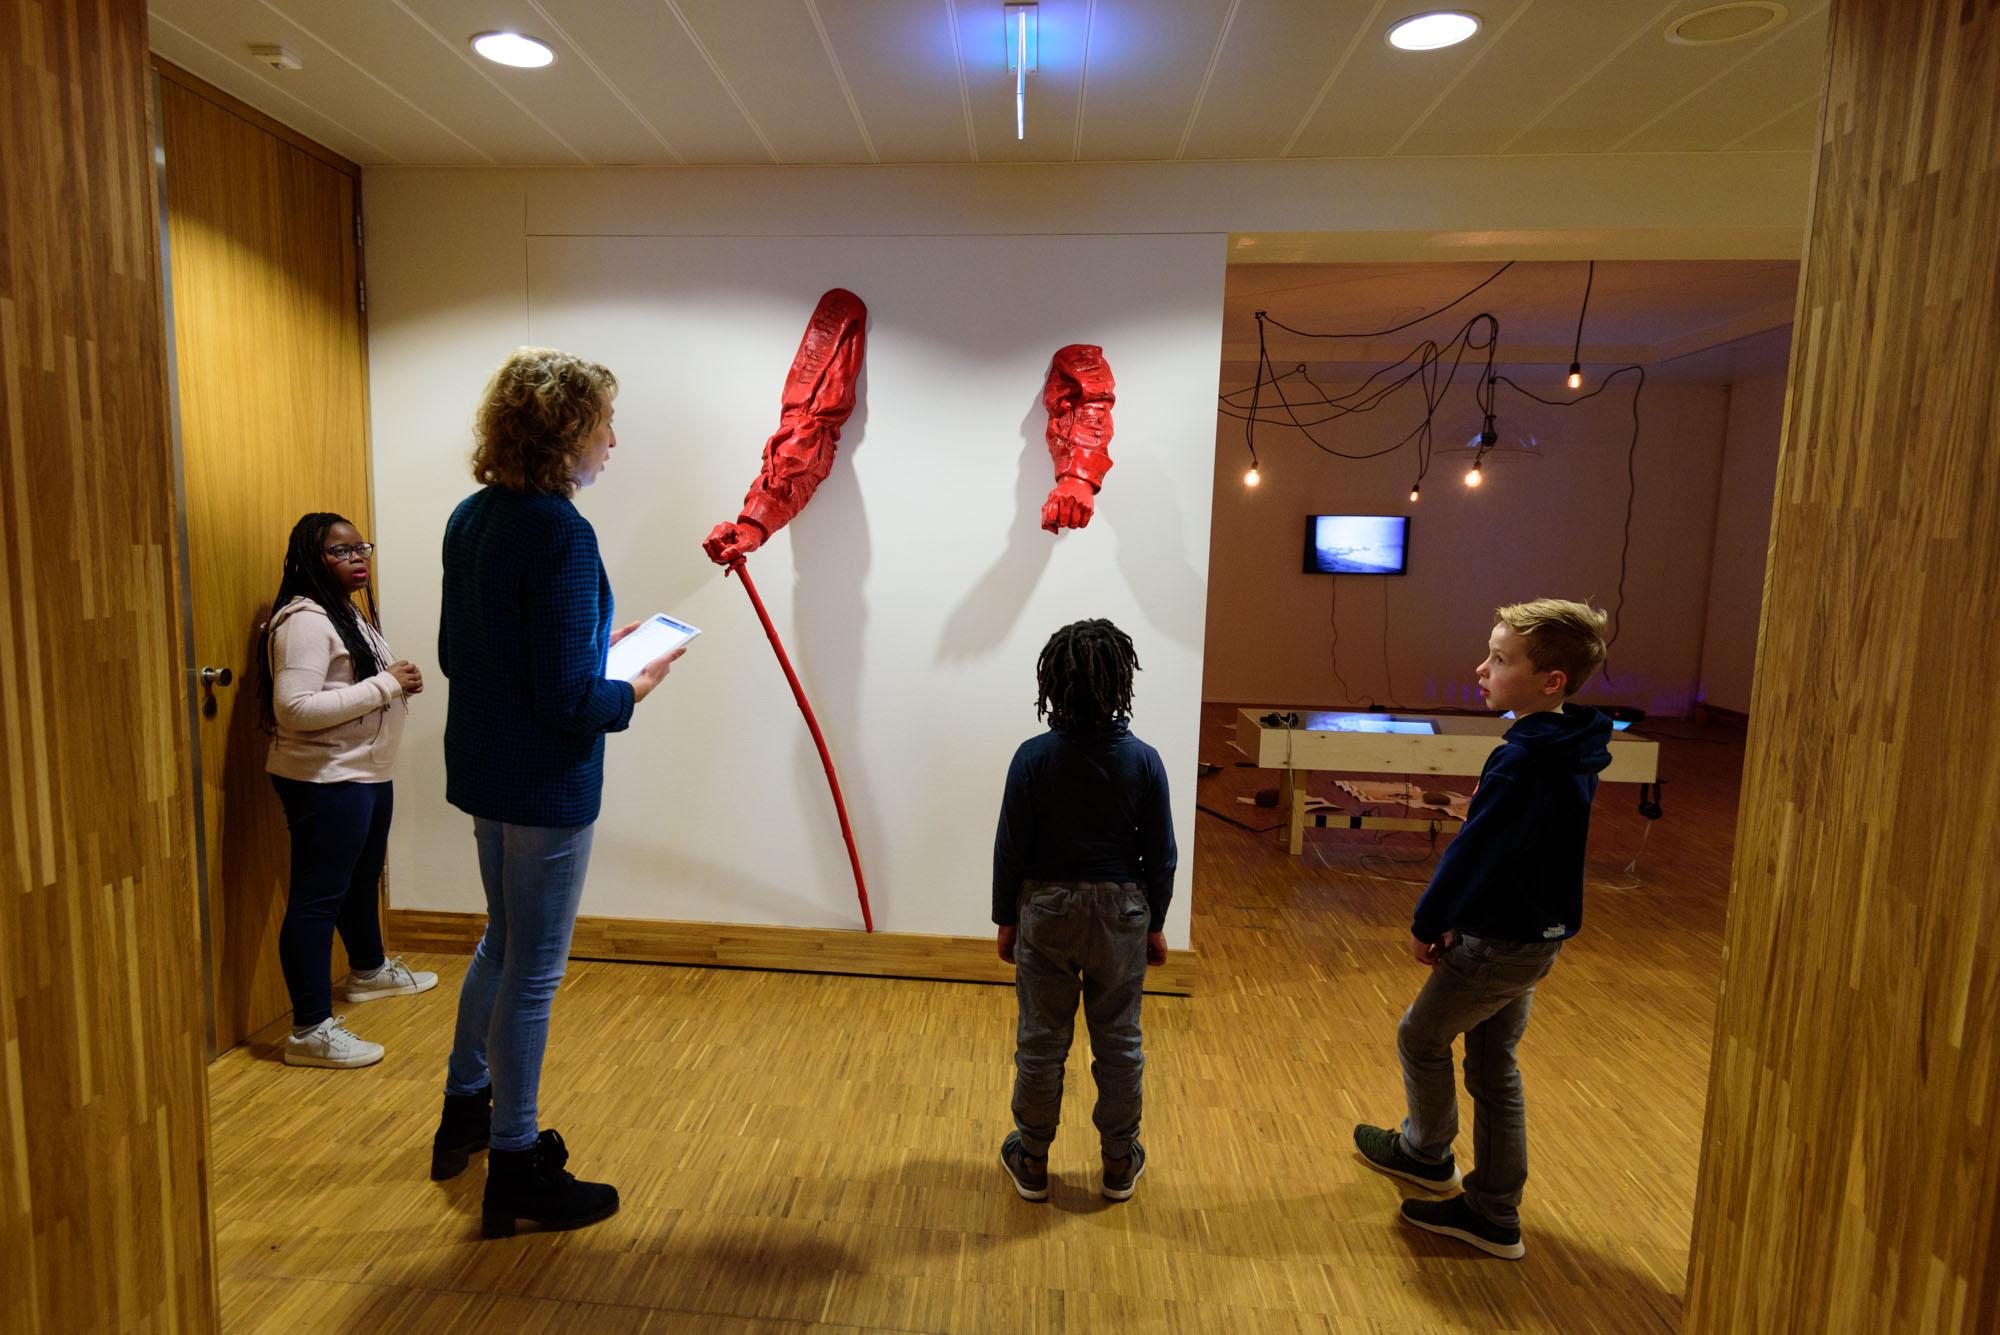 Rondleiding kinderen - lores - foto Cees Wouda (2 van 16).jpg